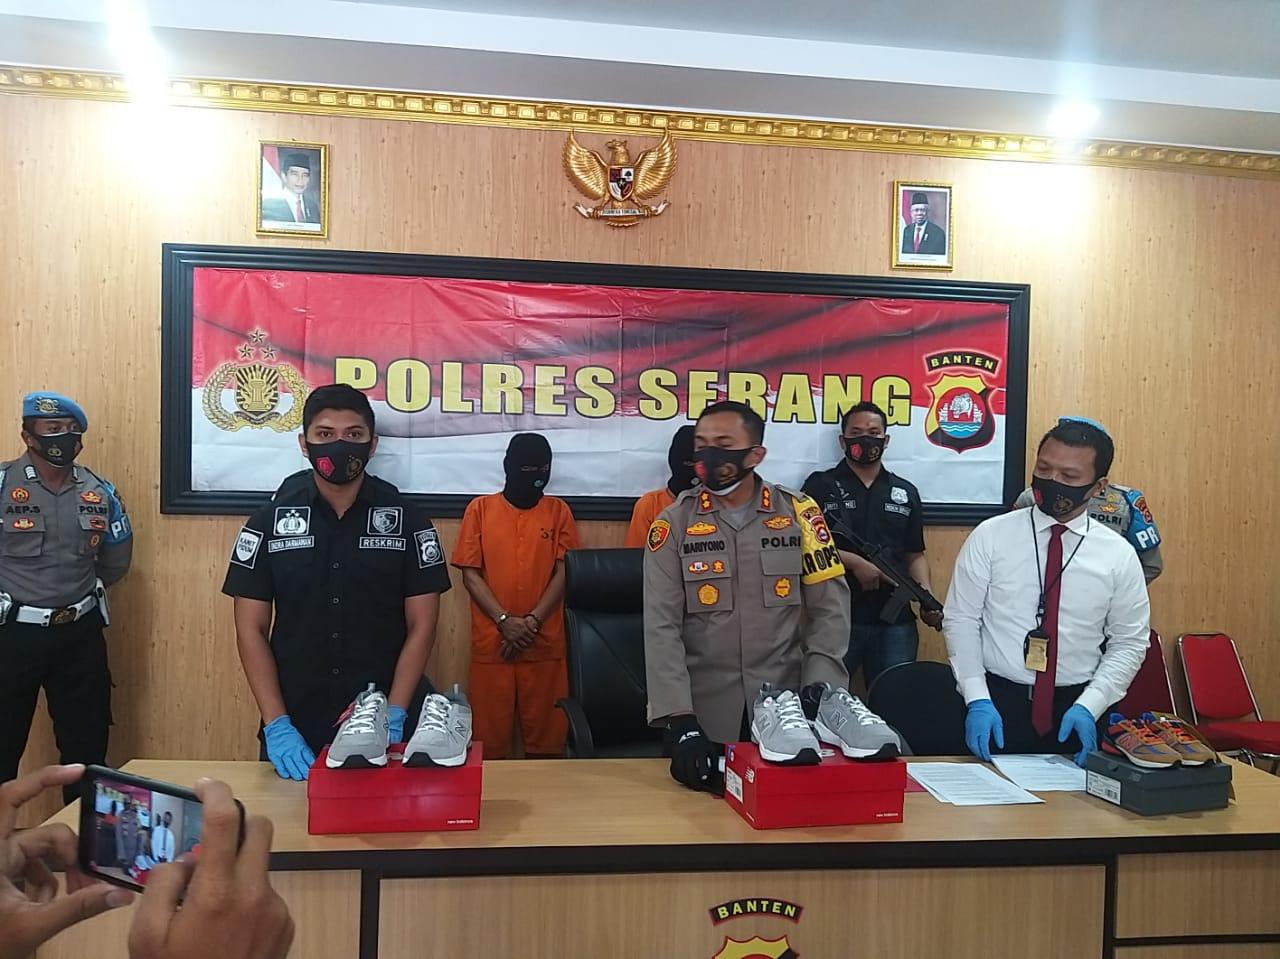 Polres Serang Berhasil Meringkus Pelaku Penggelapan Sepatu Milik PT PWI